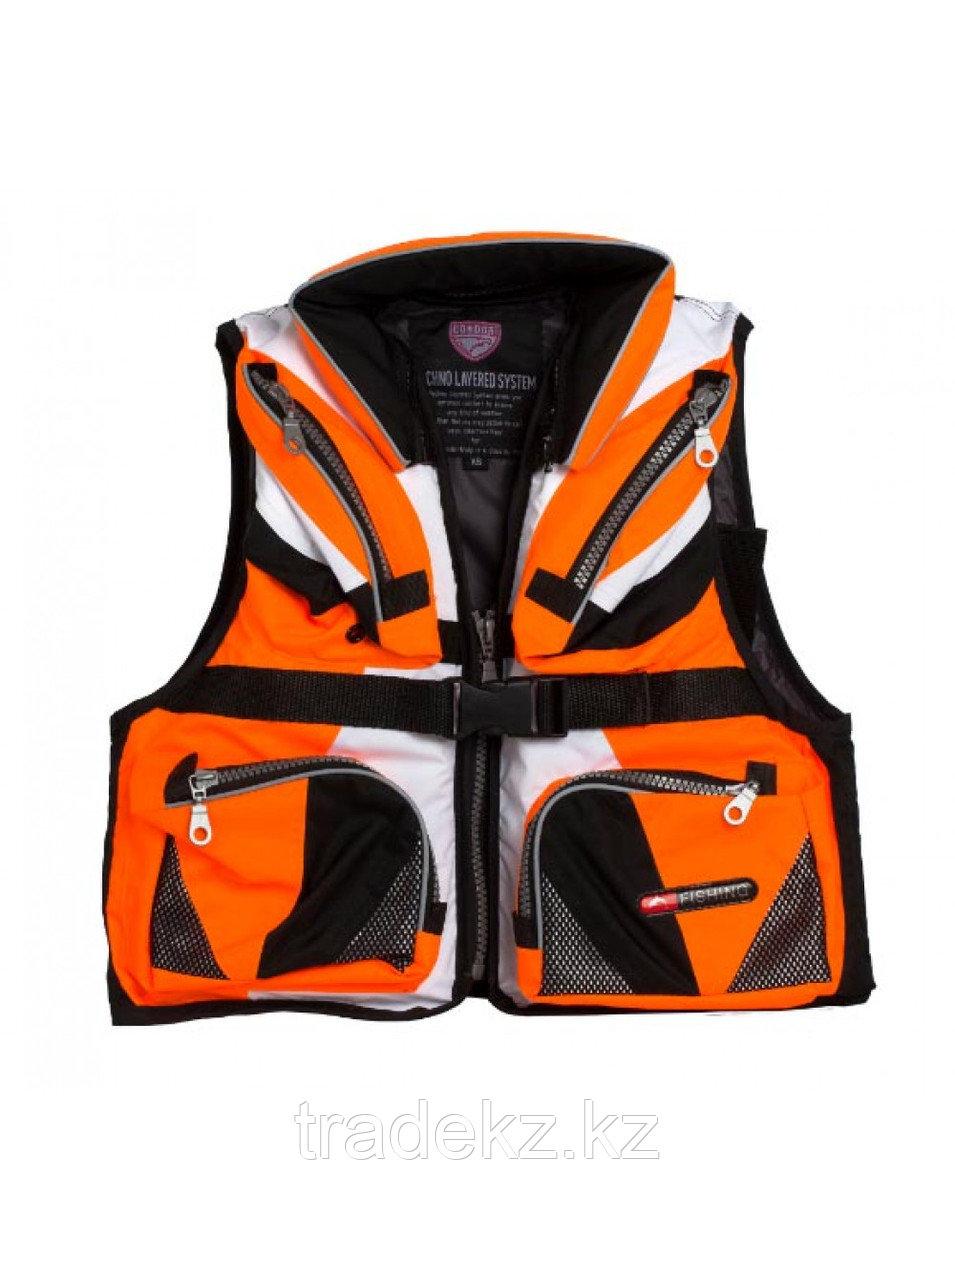 Жилет спасательный CONDOR, модель J28, размер S (подростковый)